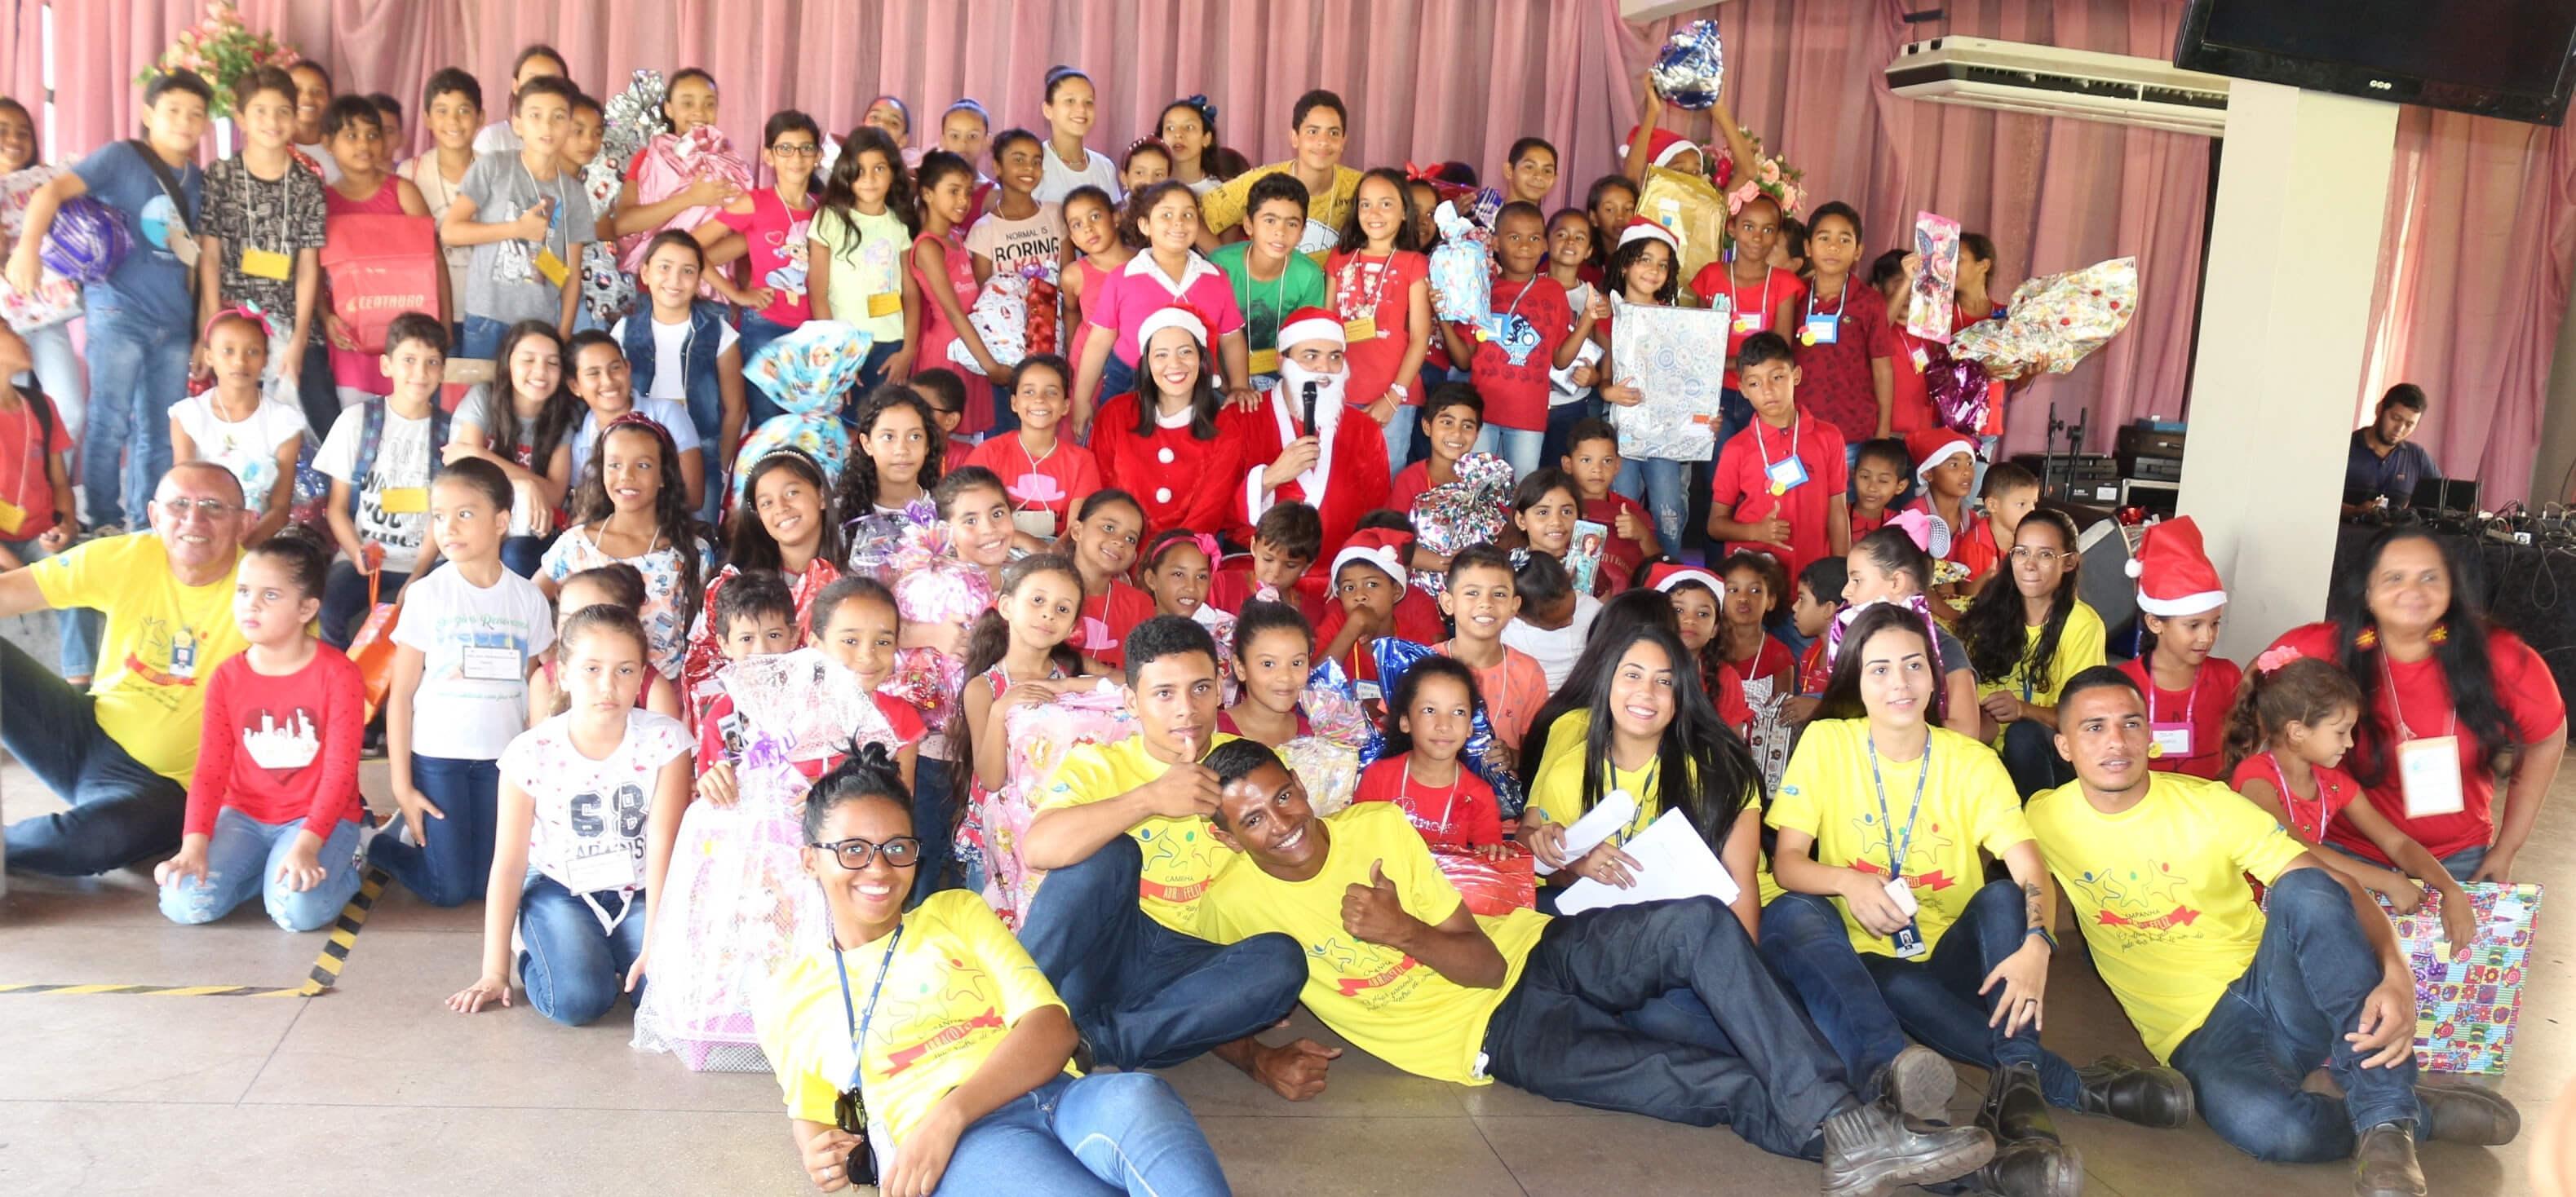 grupo de crianças reunidas